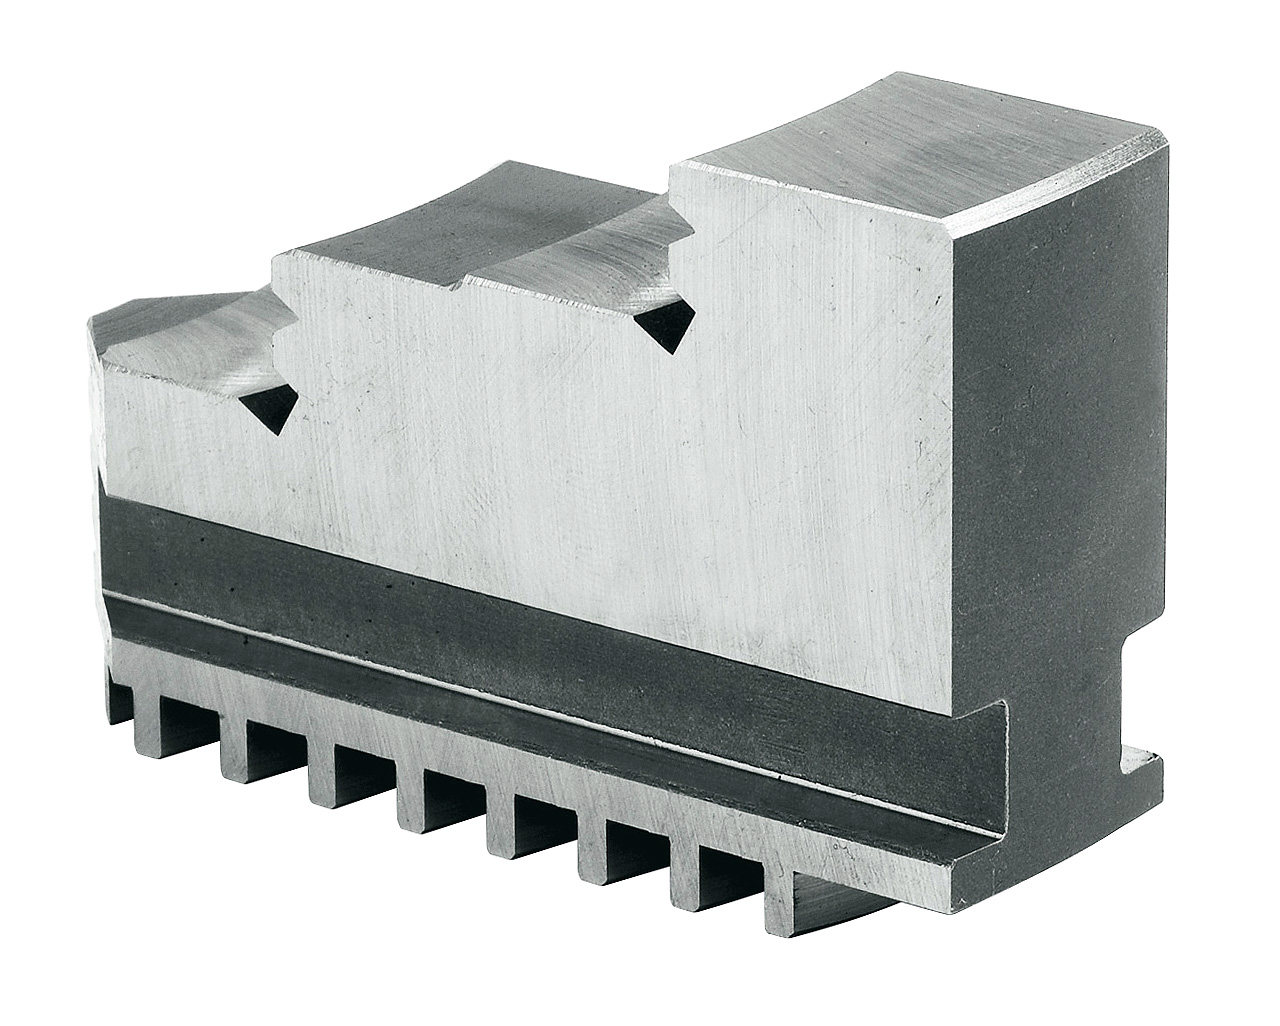 Szczęki jednolite twarde wewnętrzne - komplet IJ-PS4-500 BERNARDO